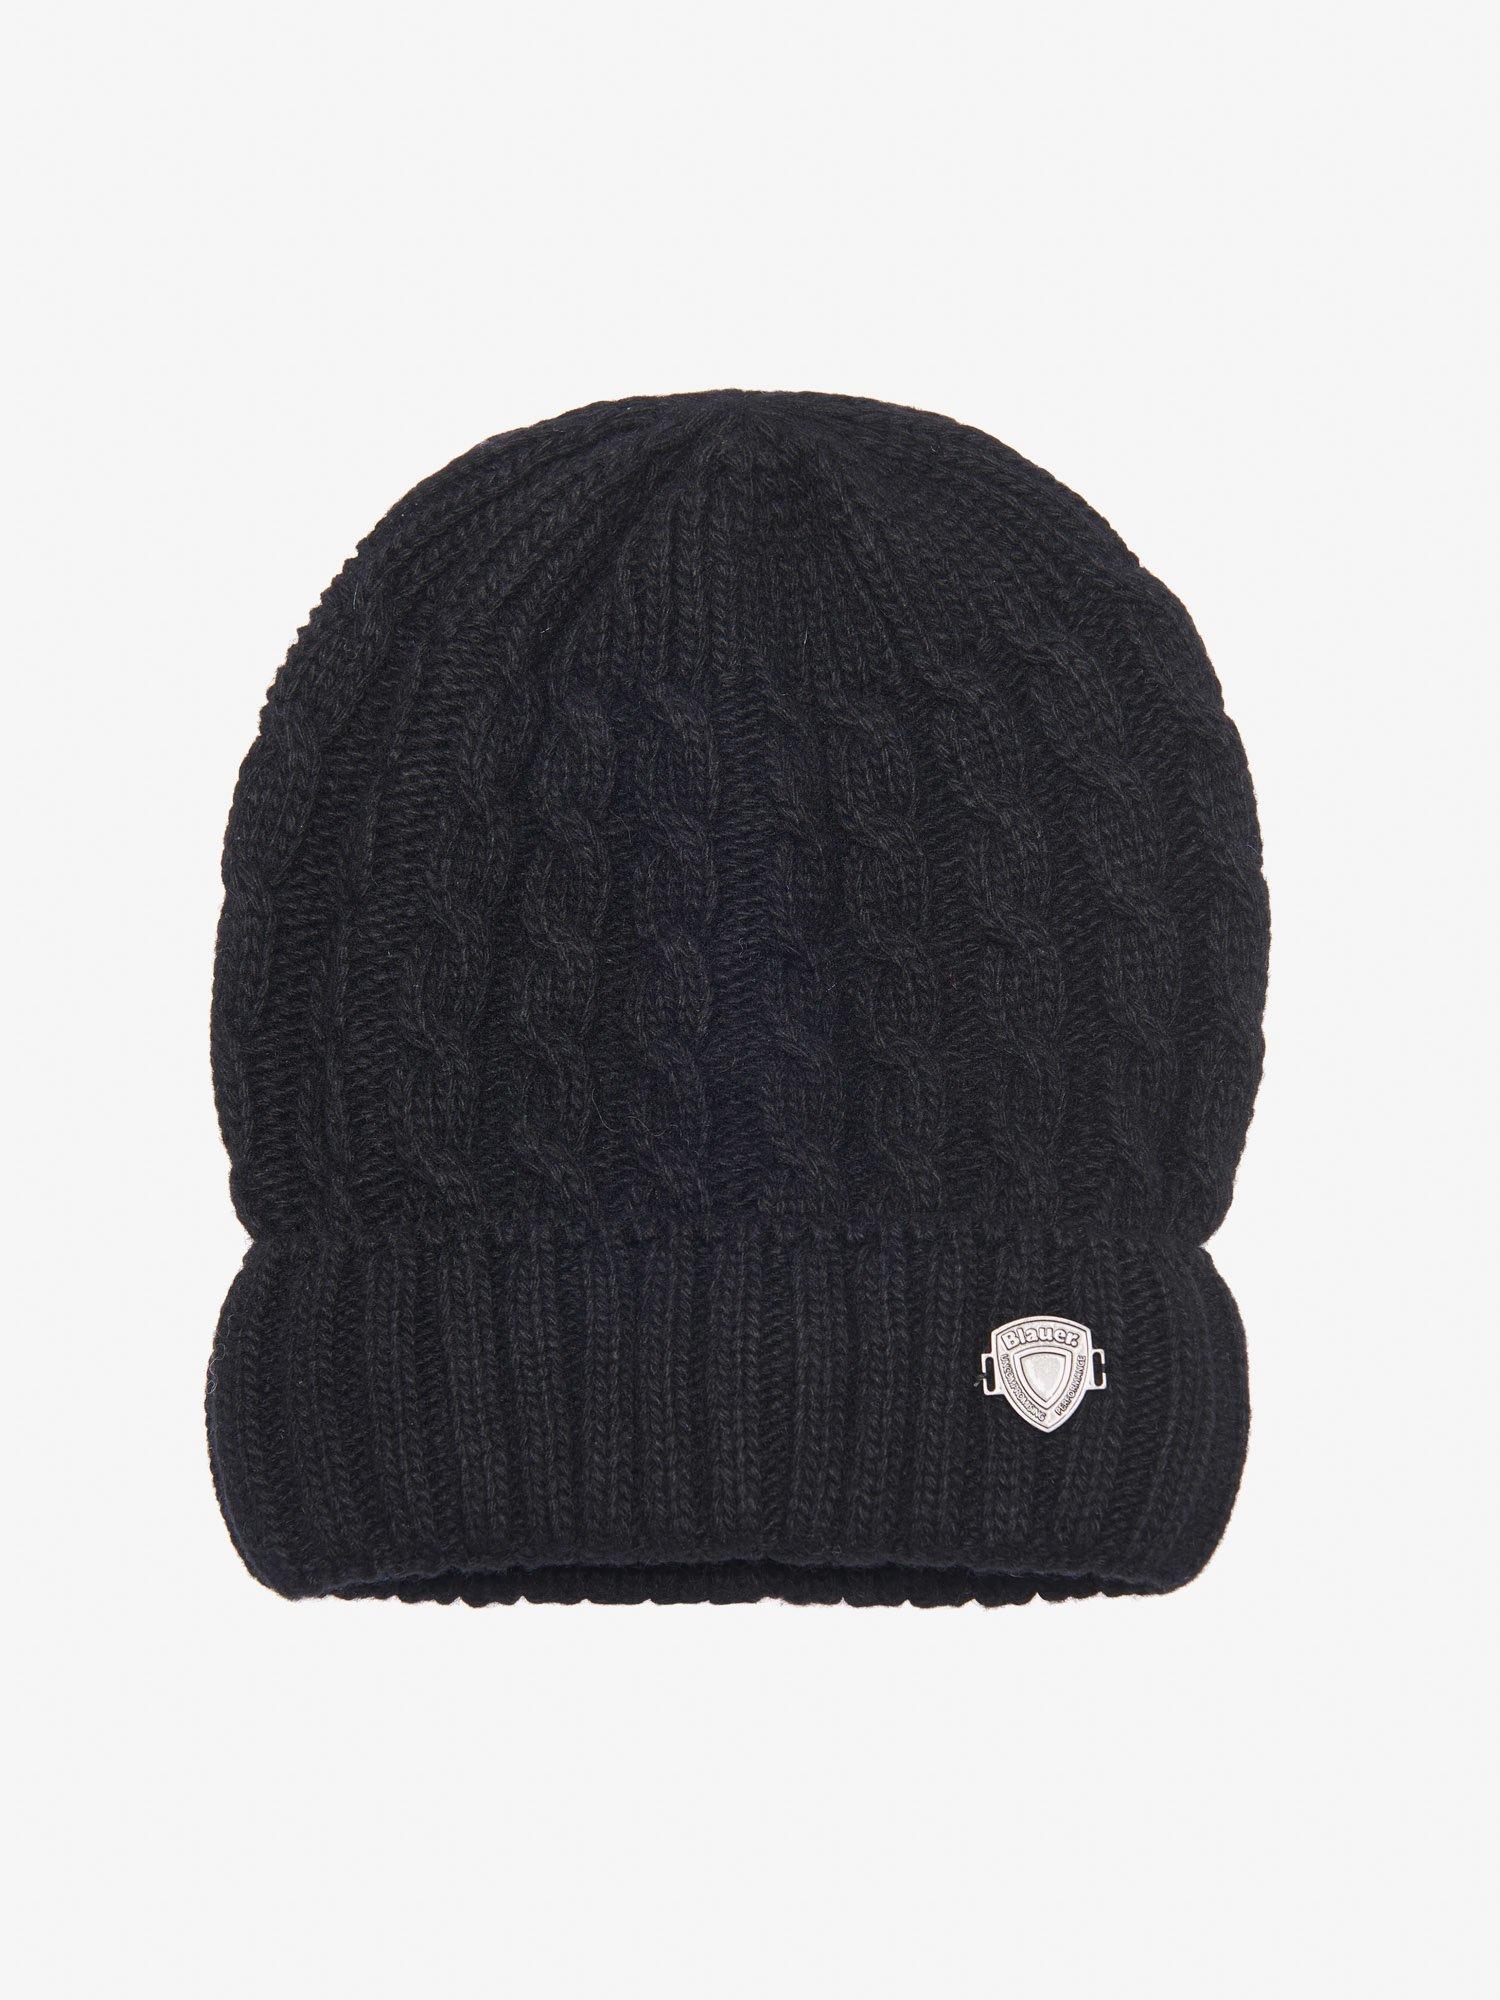 Blauer - JUNIOR CAP WITH CUFF - Black - Blauer